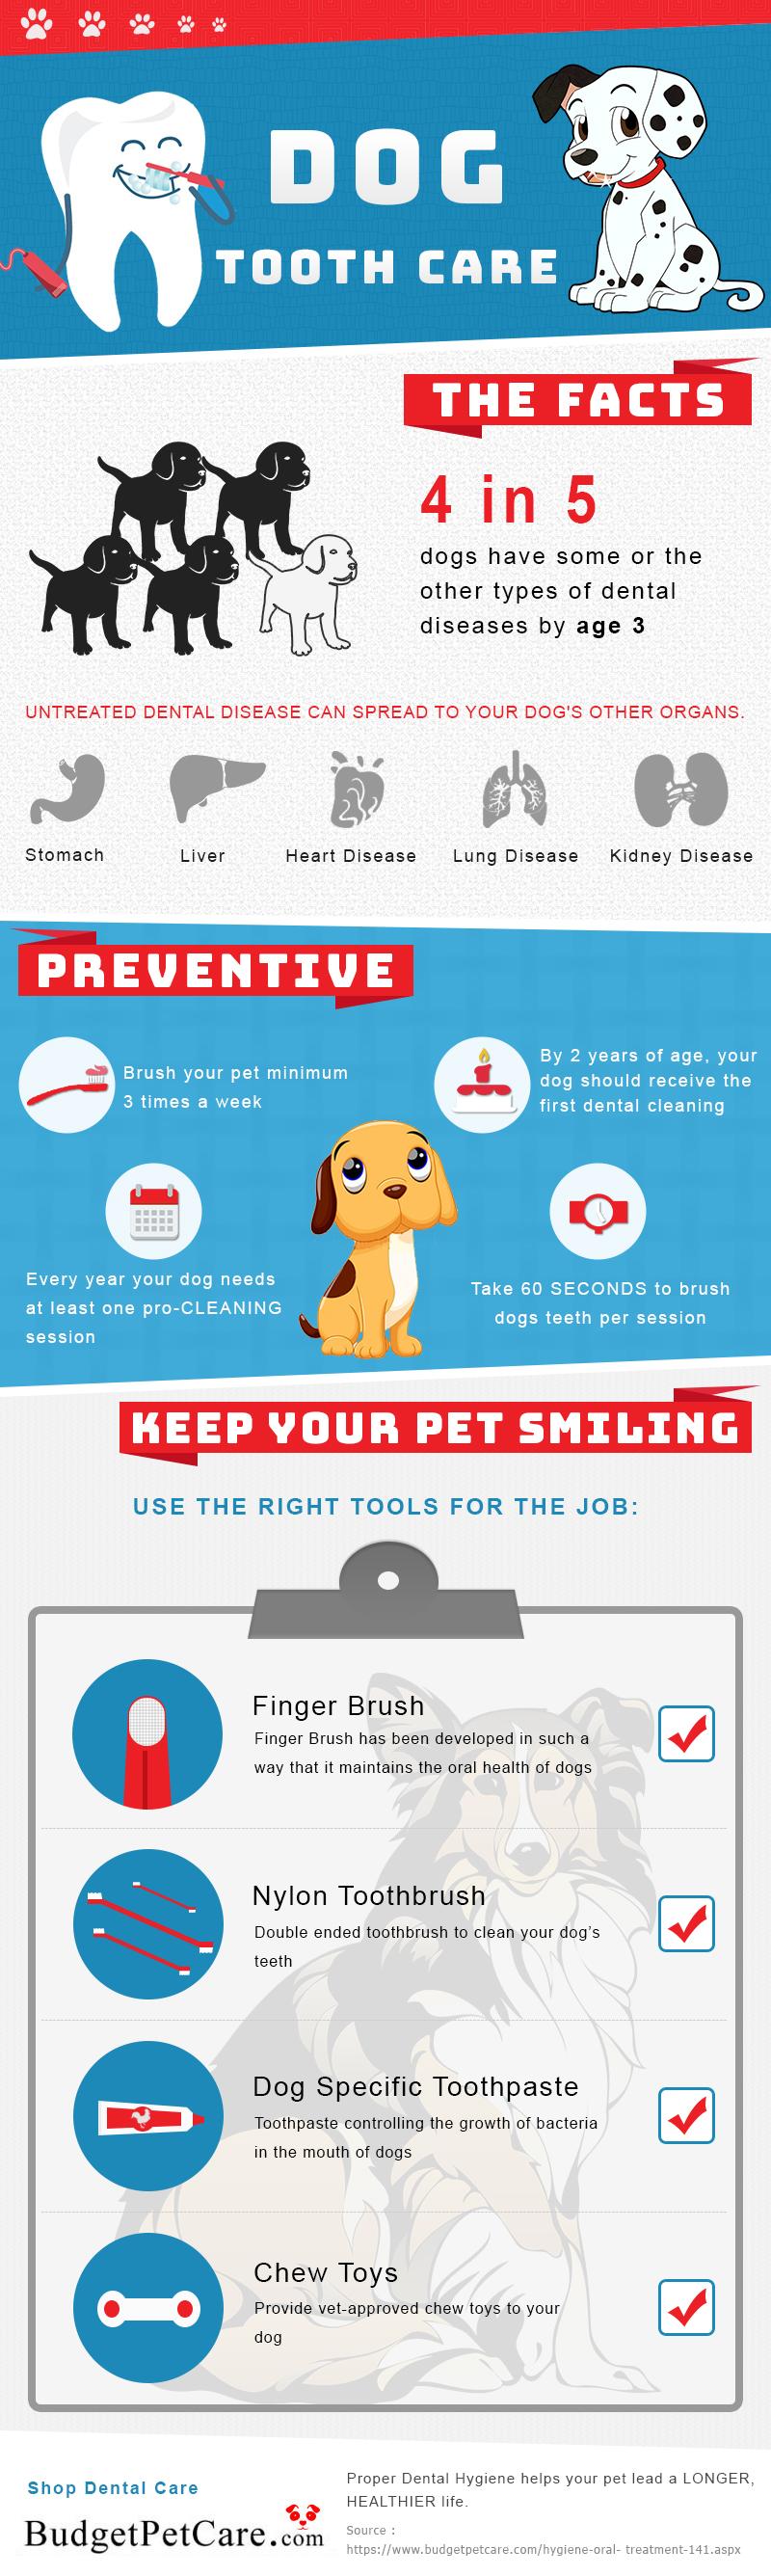 dog dental health care tips during pet dental health month